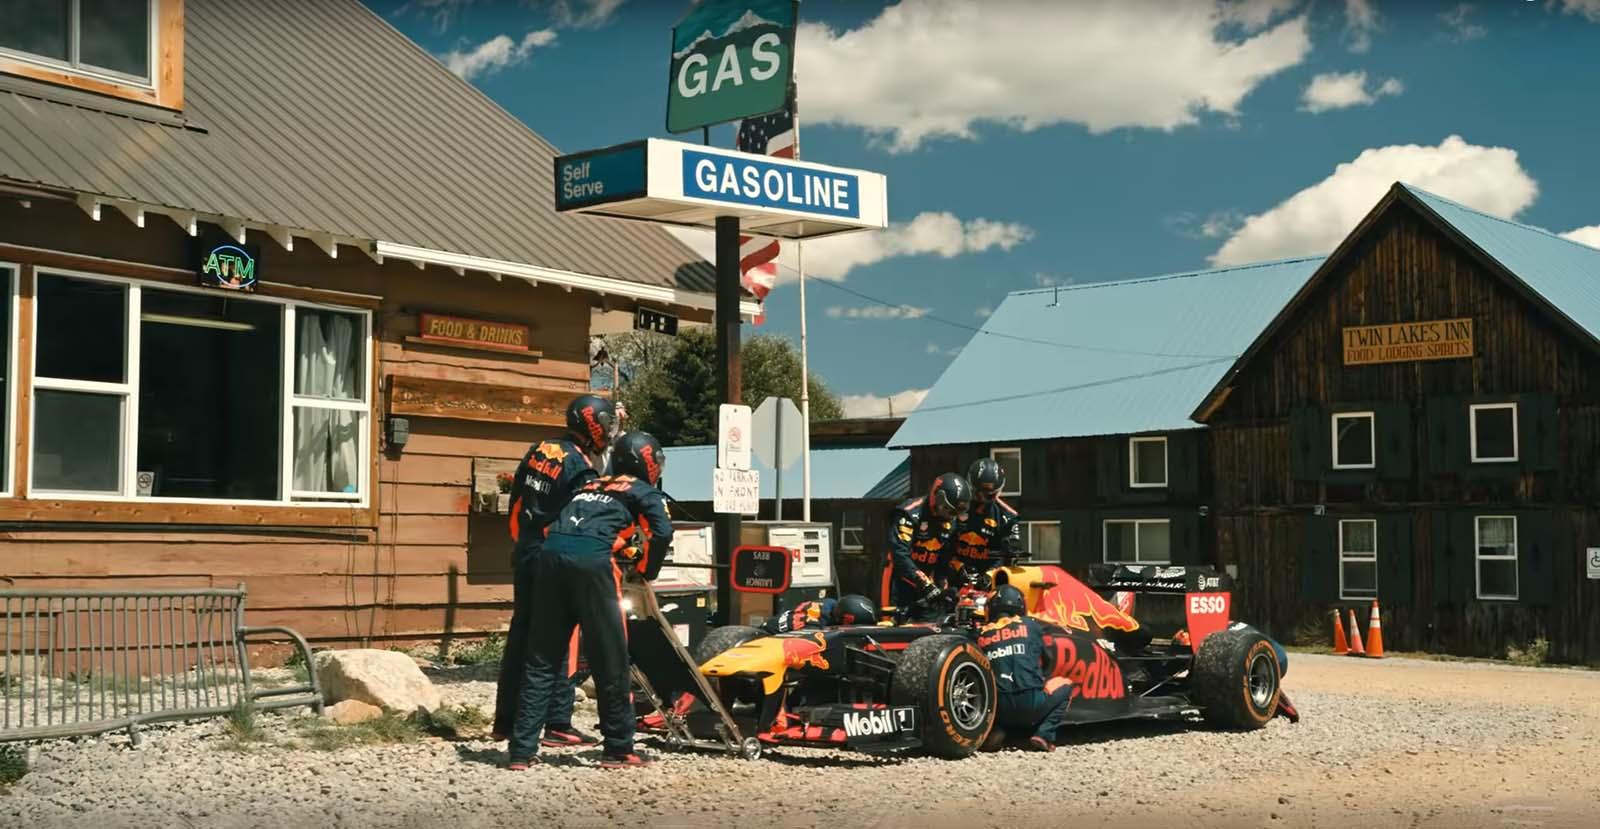 Вистинско уживање: со Red Bull F1 низ Мајами, Сан Франциско, Лас Вегас, пустина… / ВИДЕО